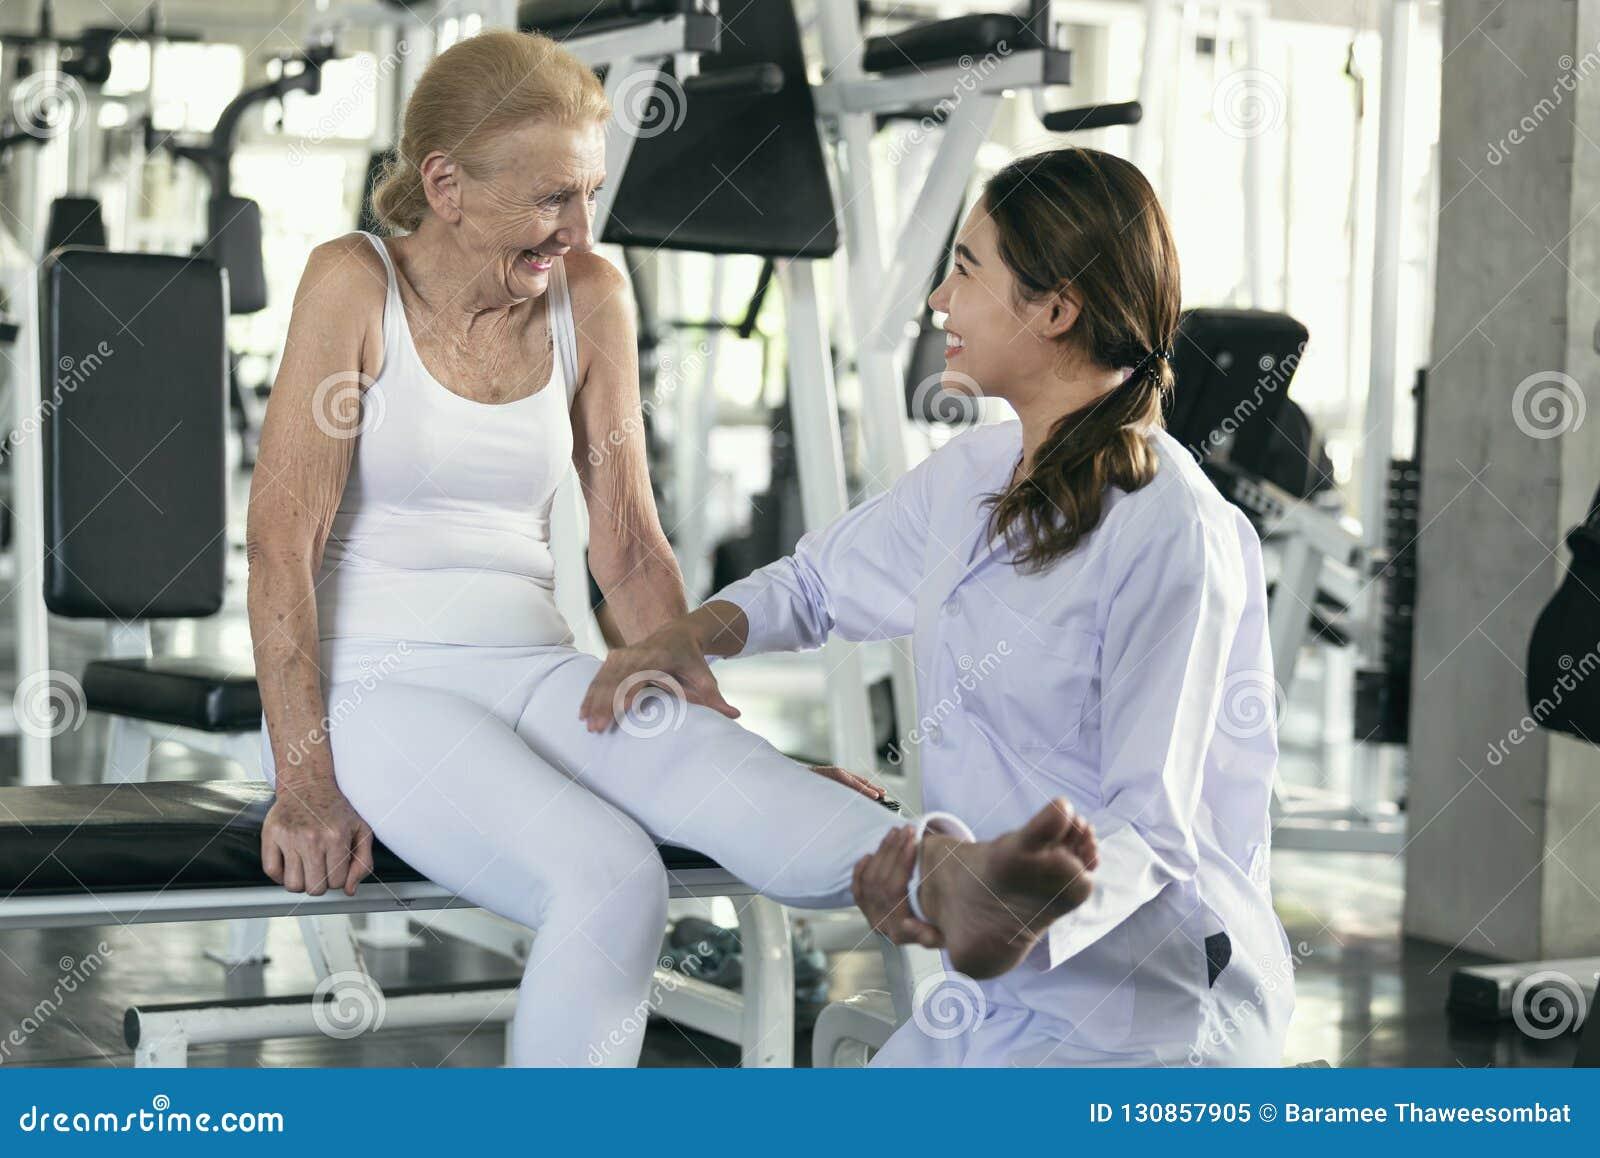 Fisioterapeuta que ajuda a mulher superior idosa no centro físico conceito idoso do estilo de vida da saúde